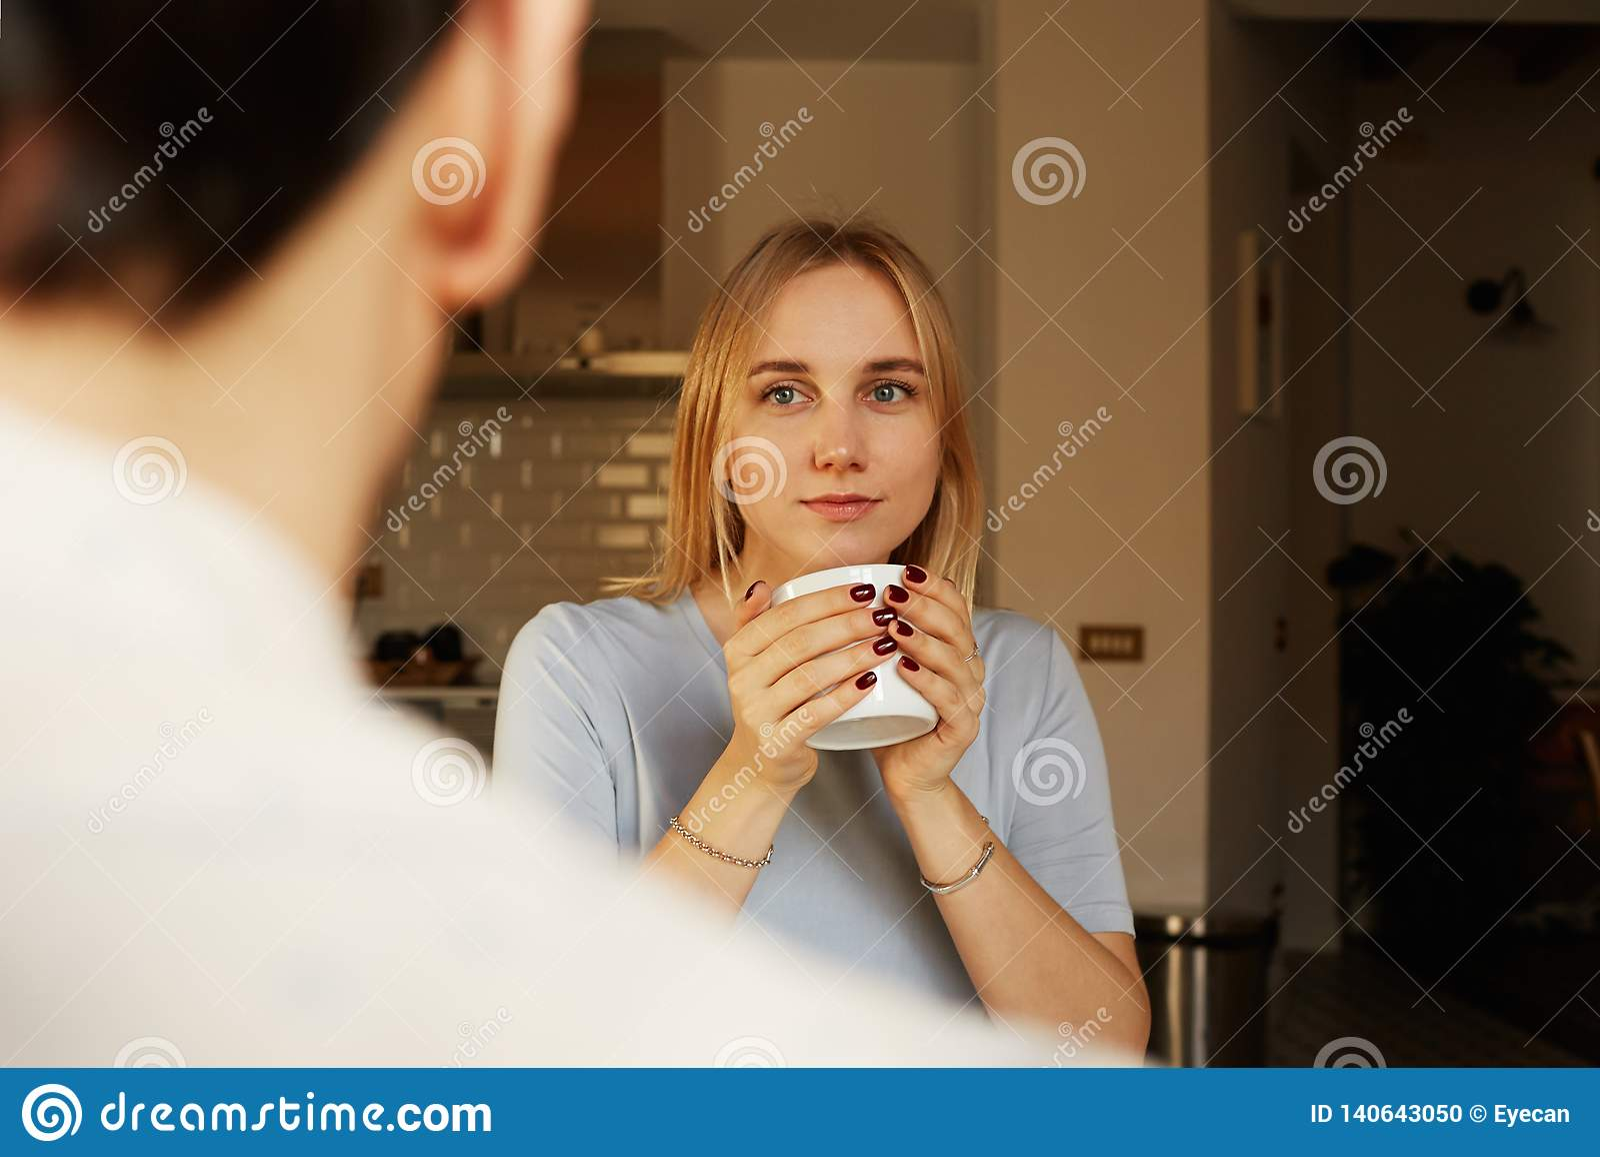 Rozmowa ufny mężczyzna i potomstwo blond kobieta w domu